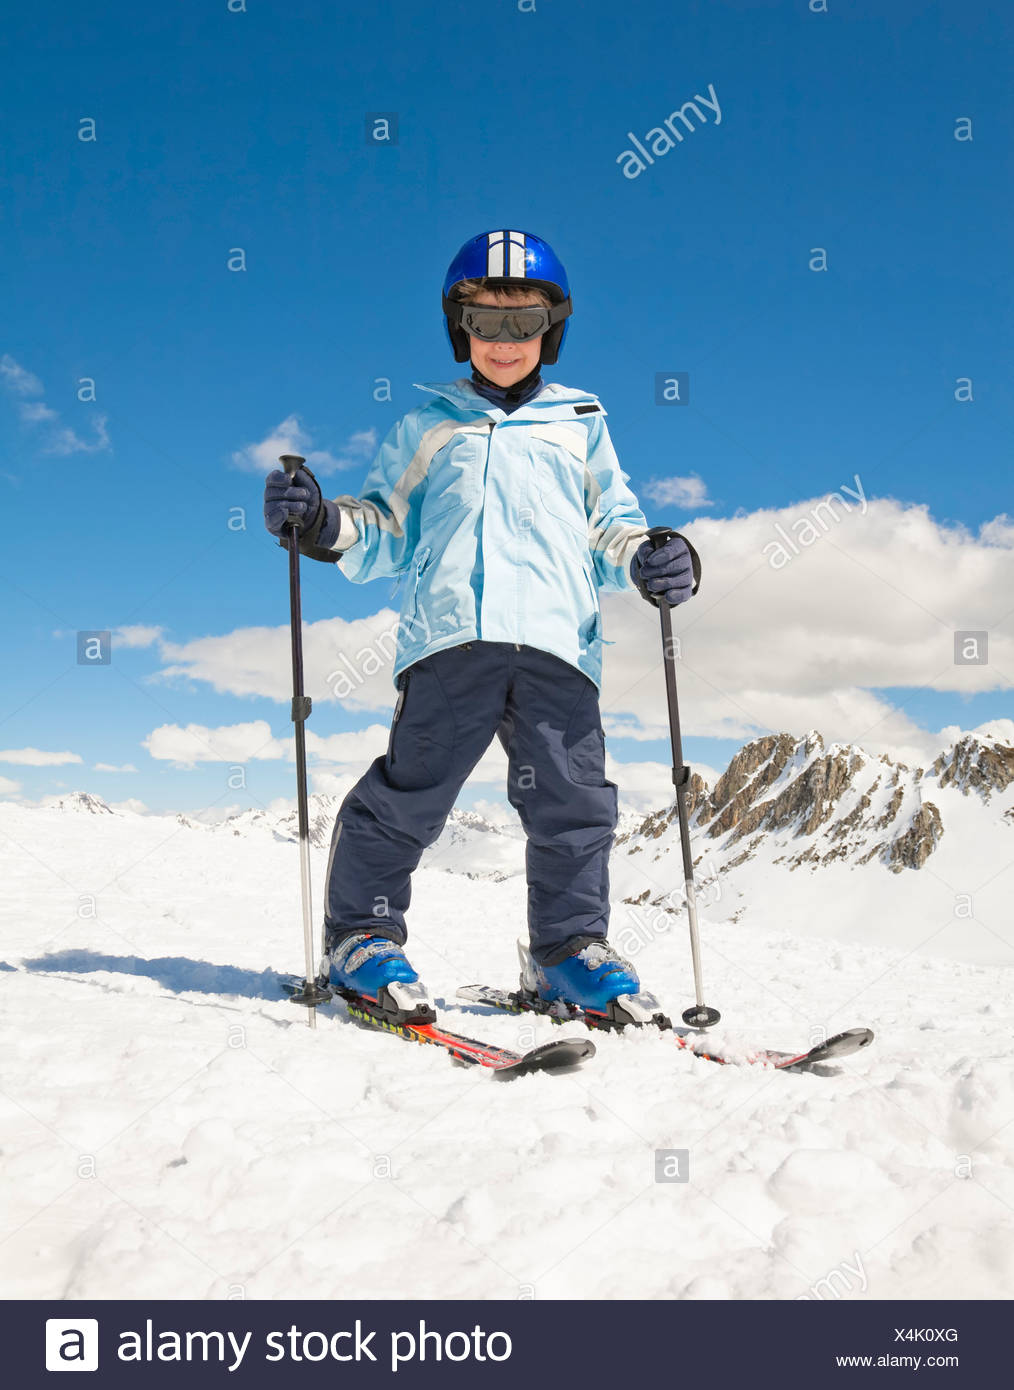 Boy esquiar en nieve, montañas como telón de fondo Imagen De Stock